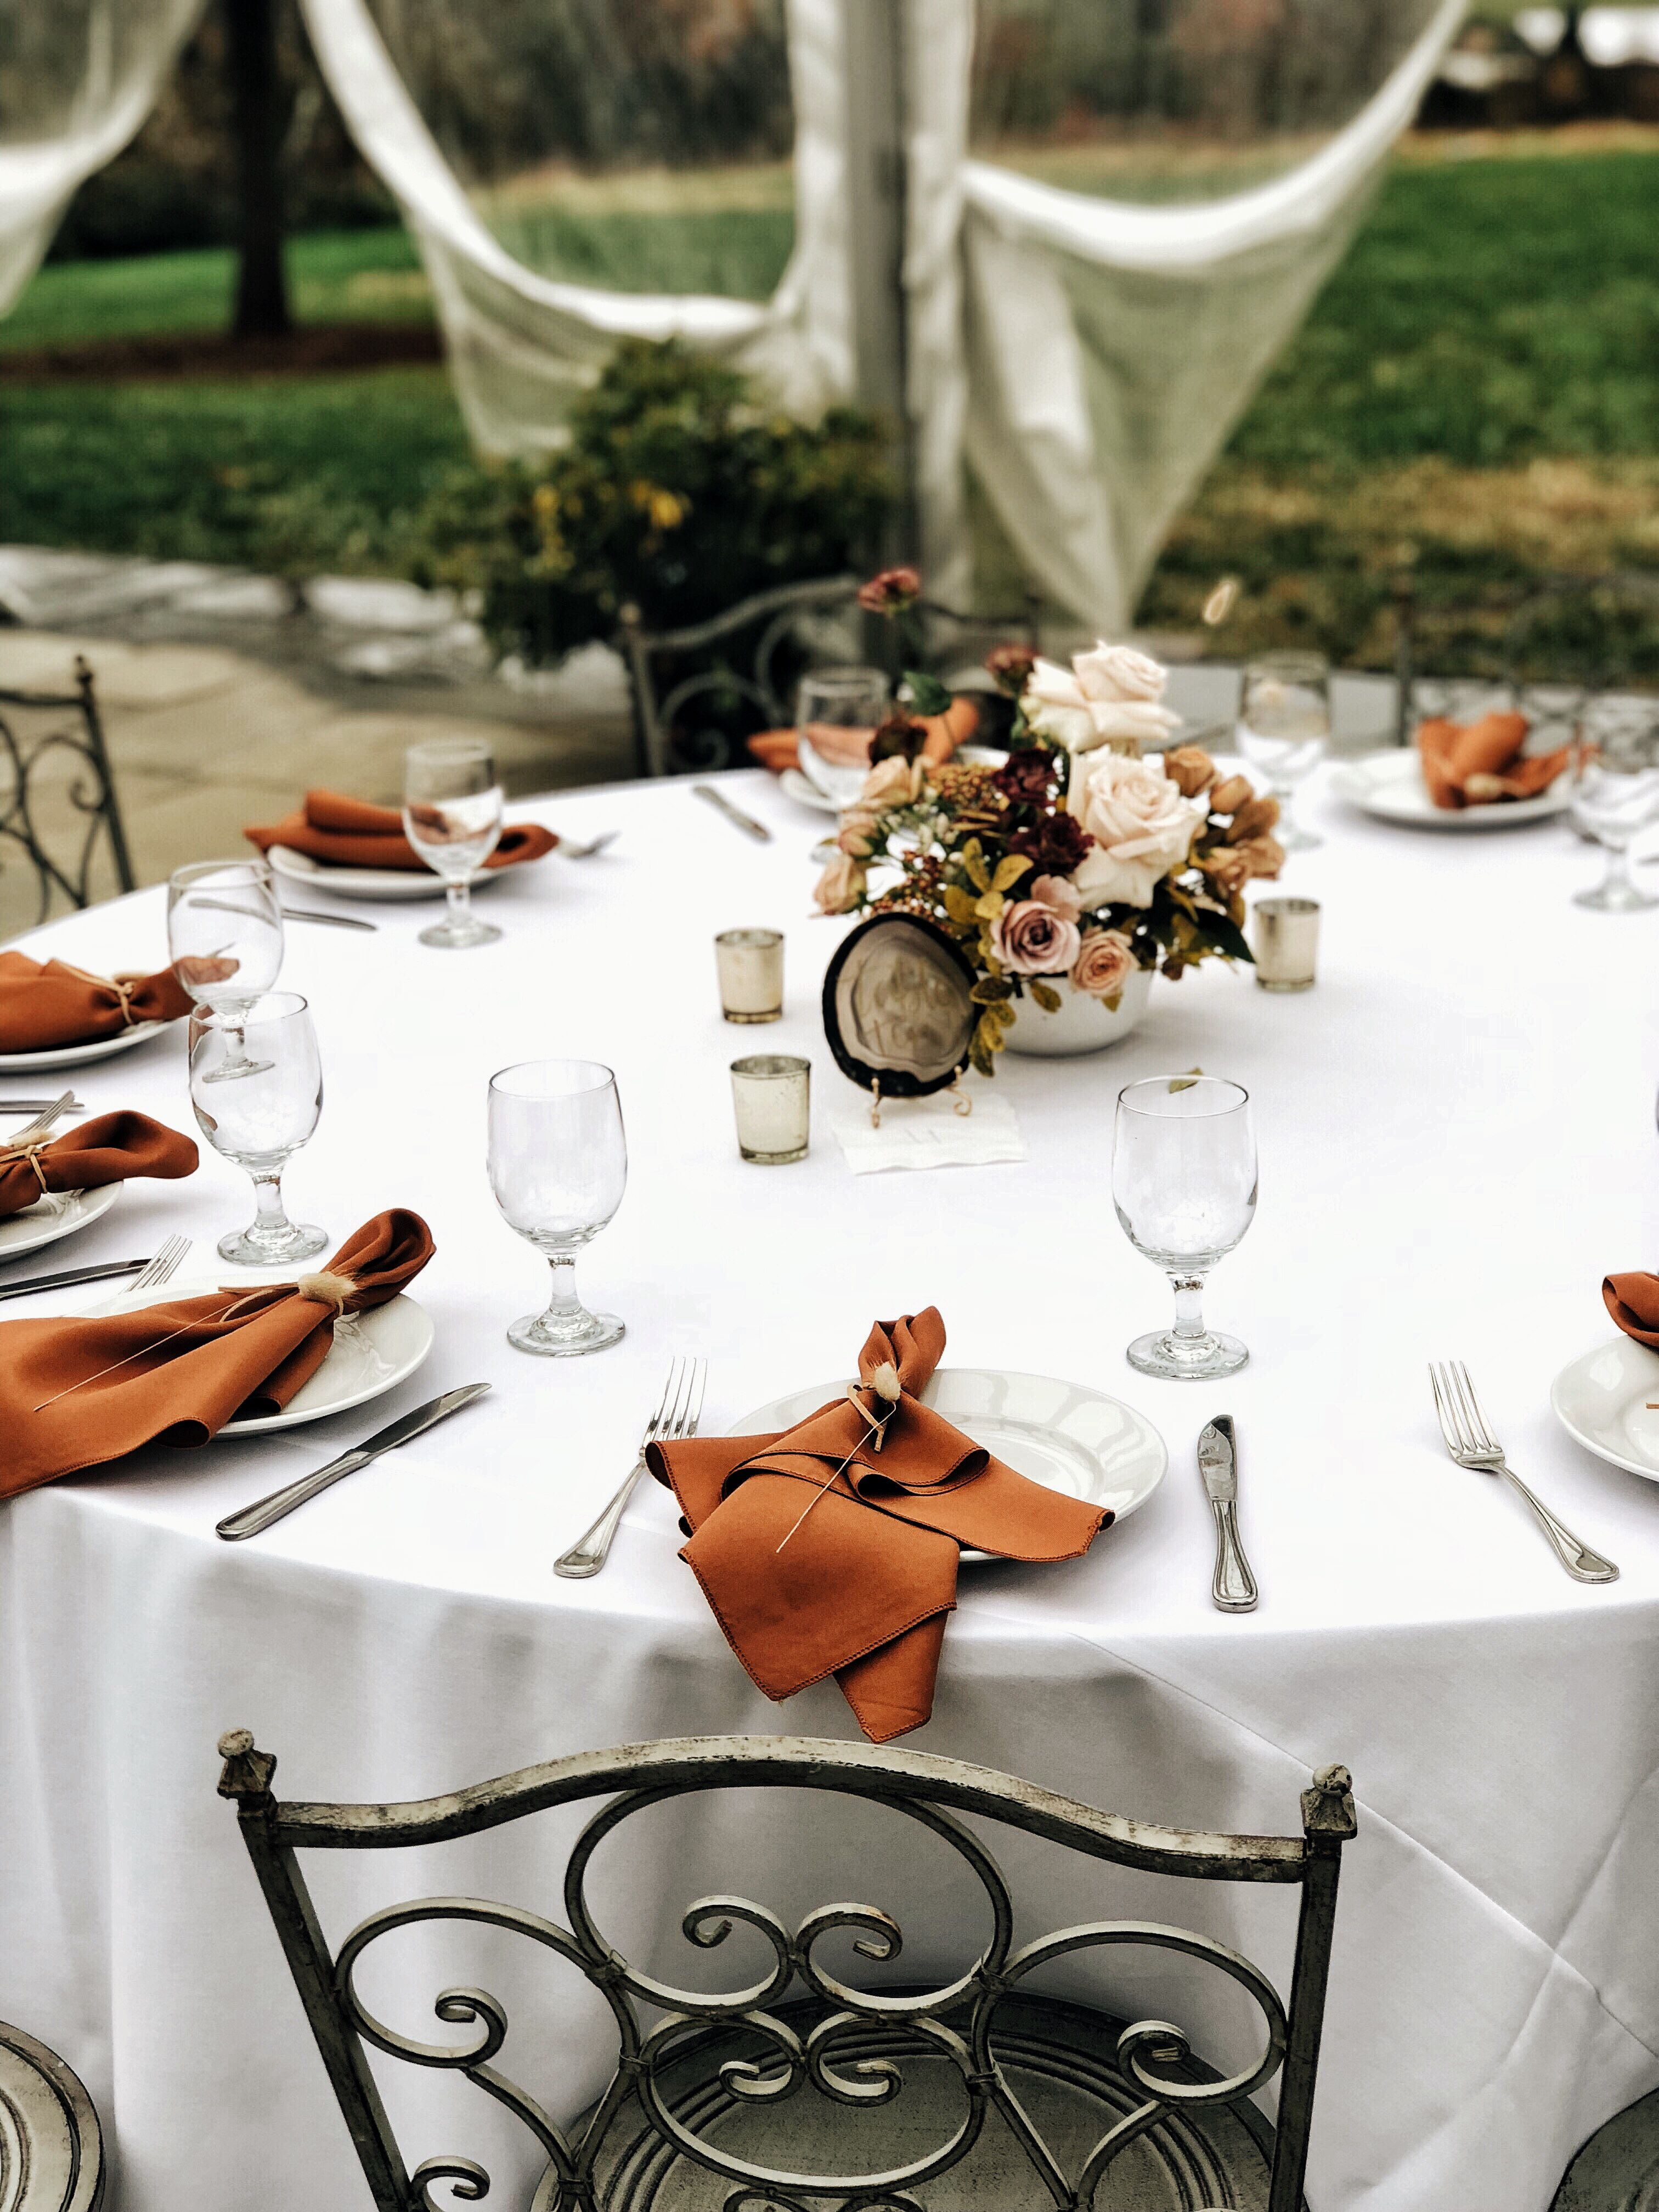 Terra Cotta Wedding Burnt Orange Weddings Fall Wedding Color Schemes Fall Wedding Tables